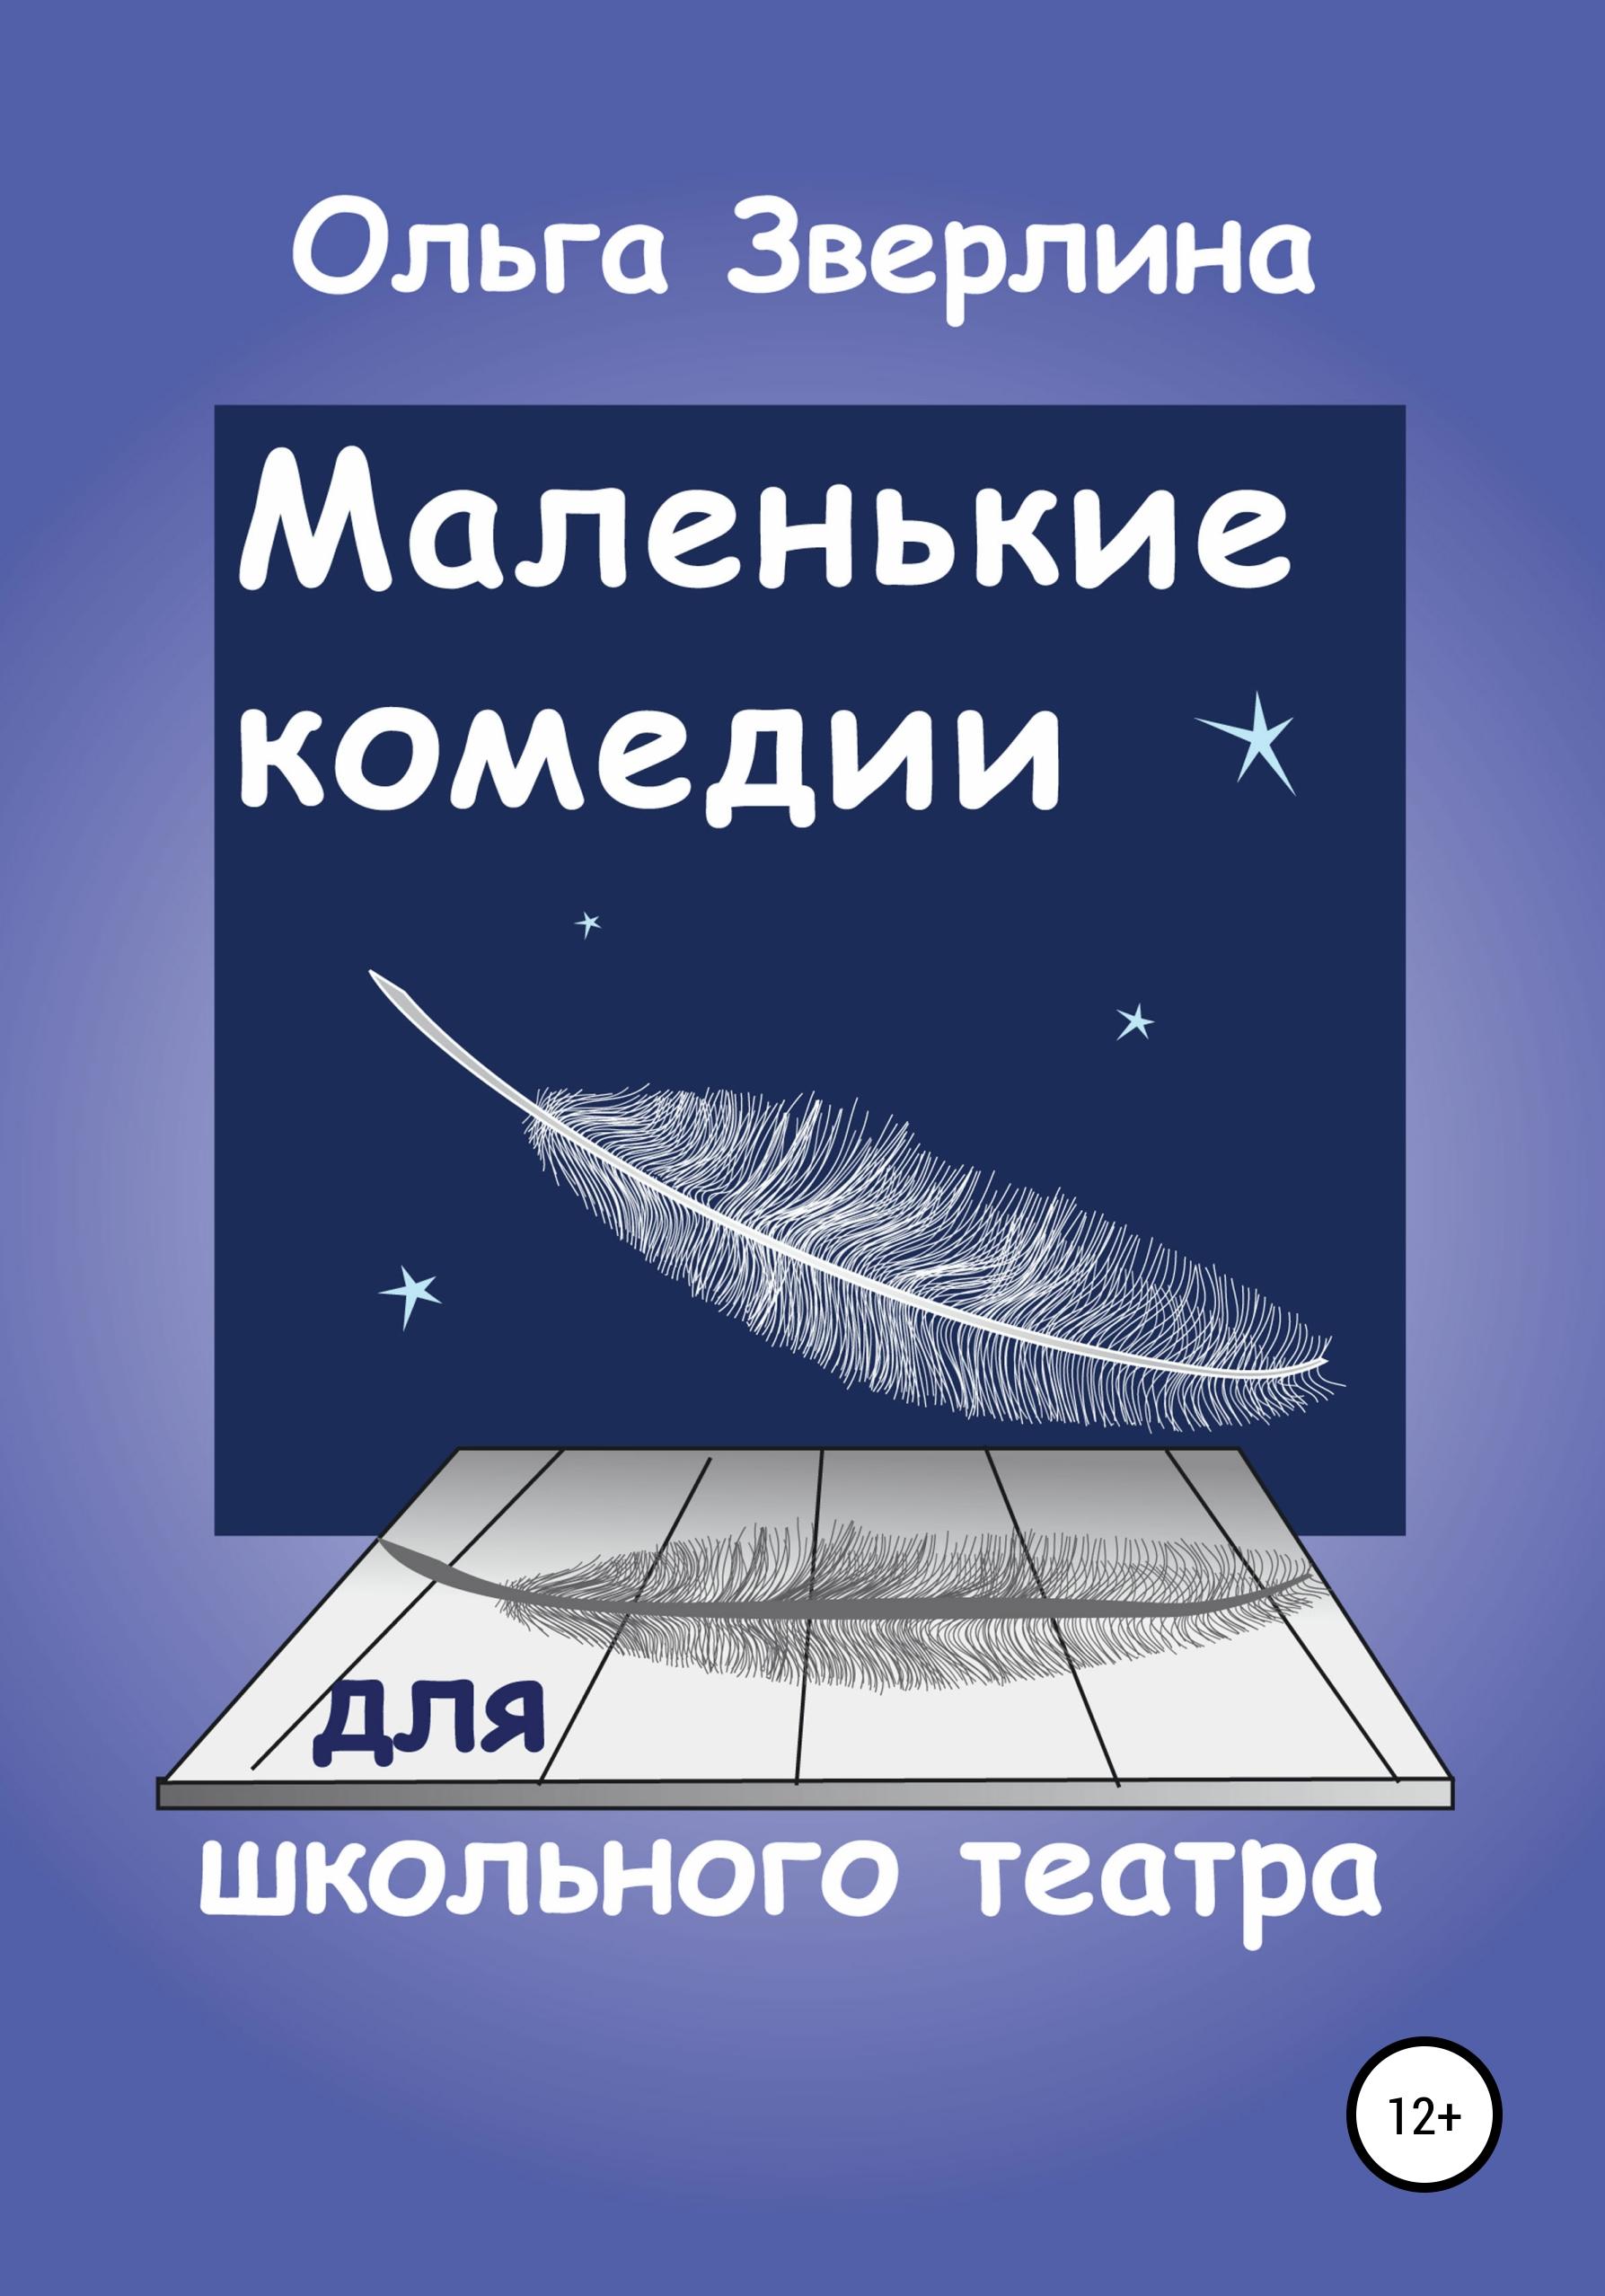 Ольга Зверлина Маленькие комедии для школьного театра маленькие комедии 2018 09 20t19 00